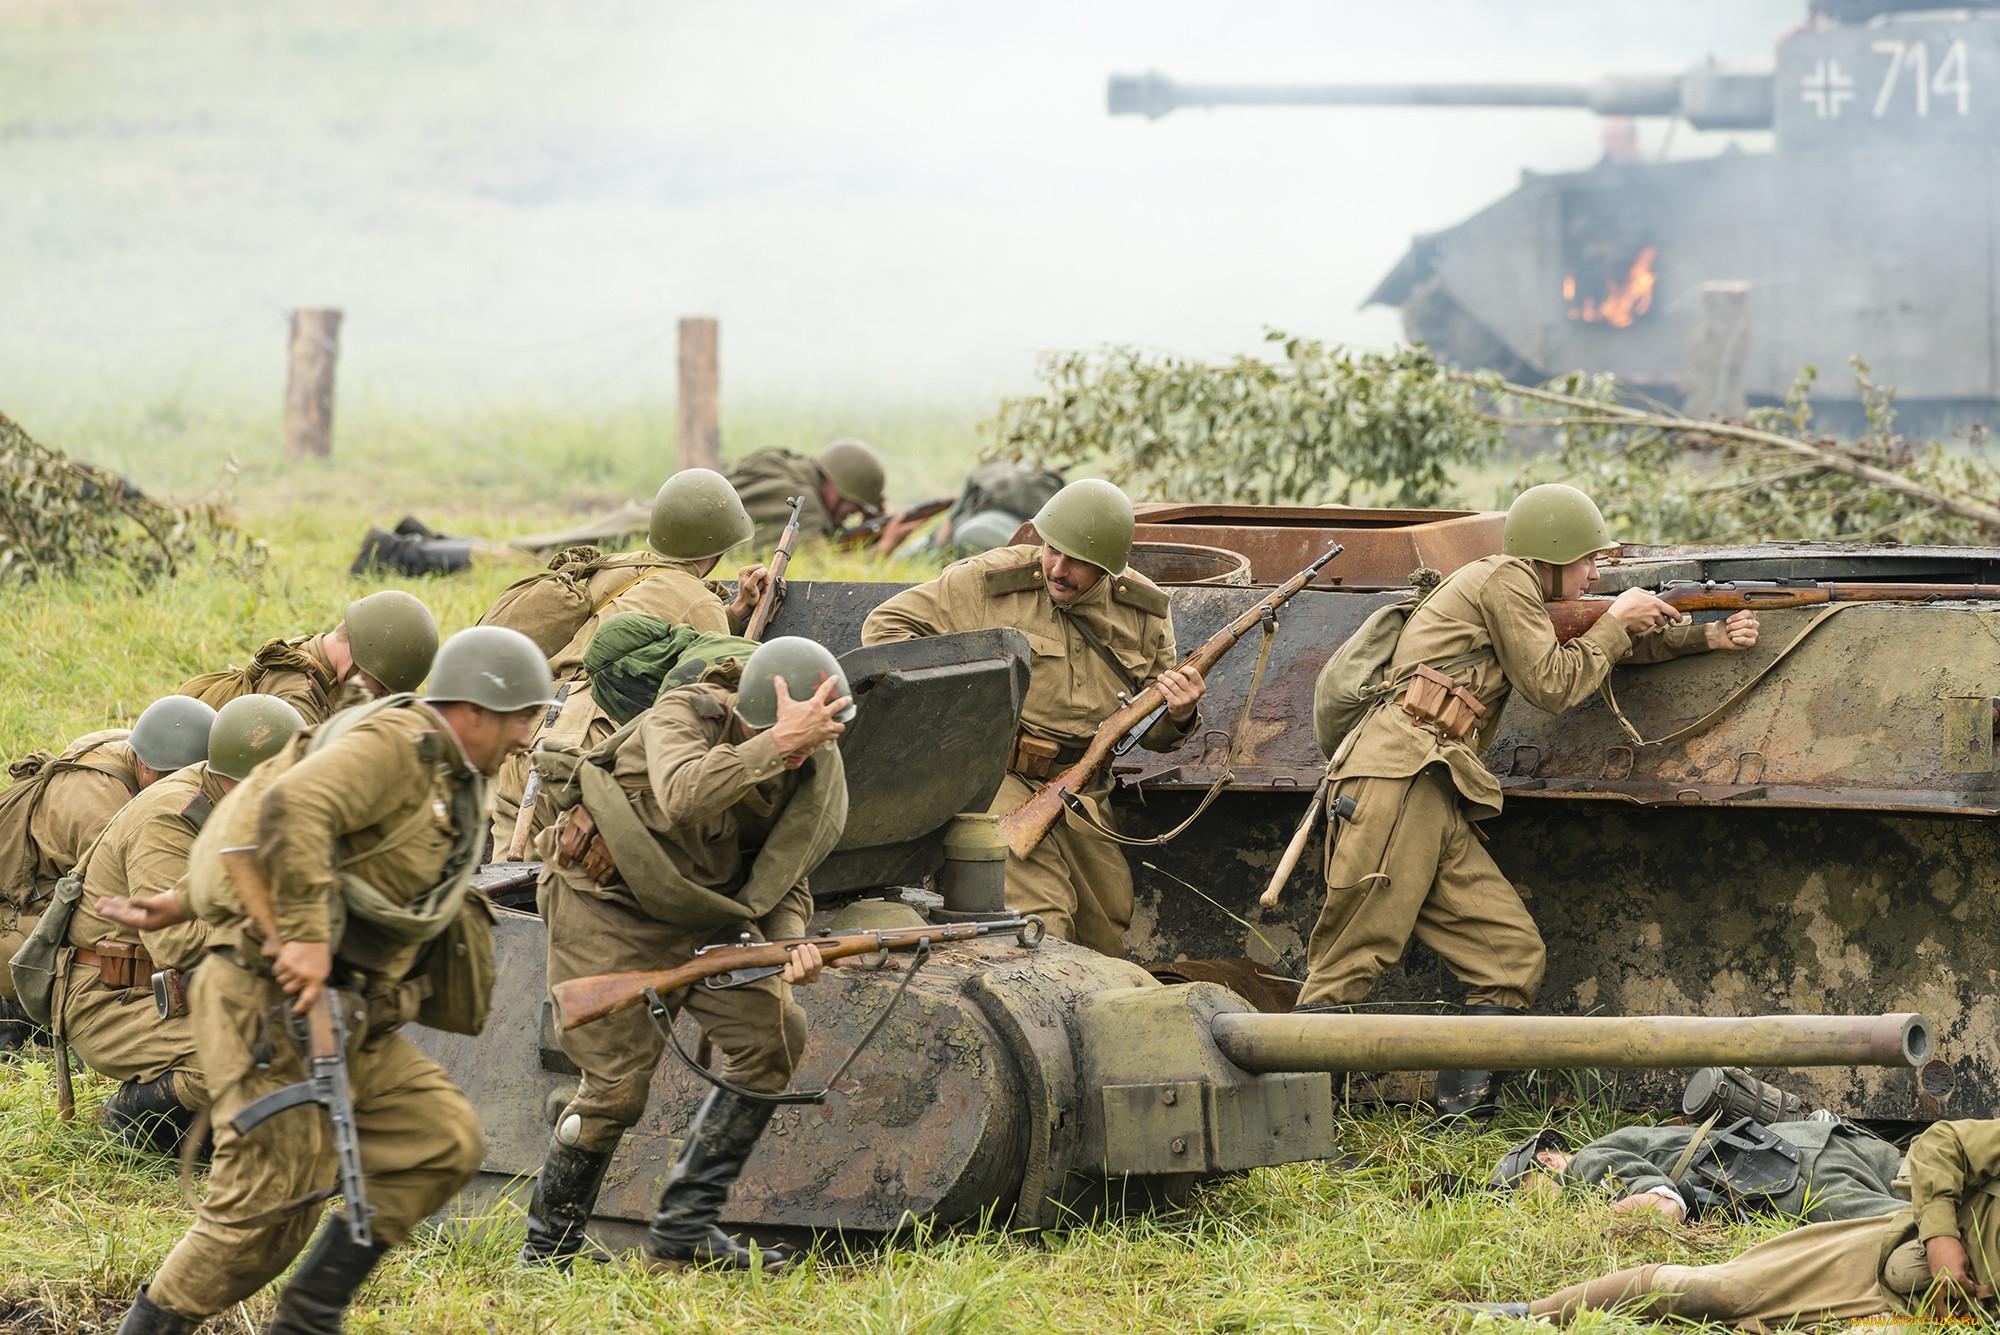 Картинка солдаты идут в бой